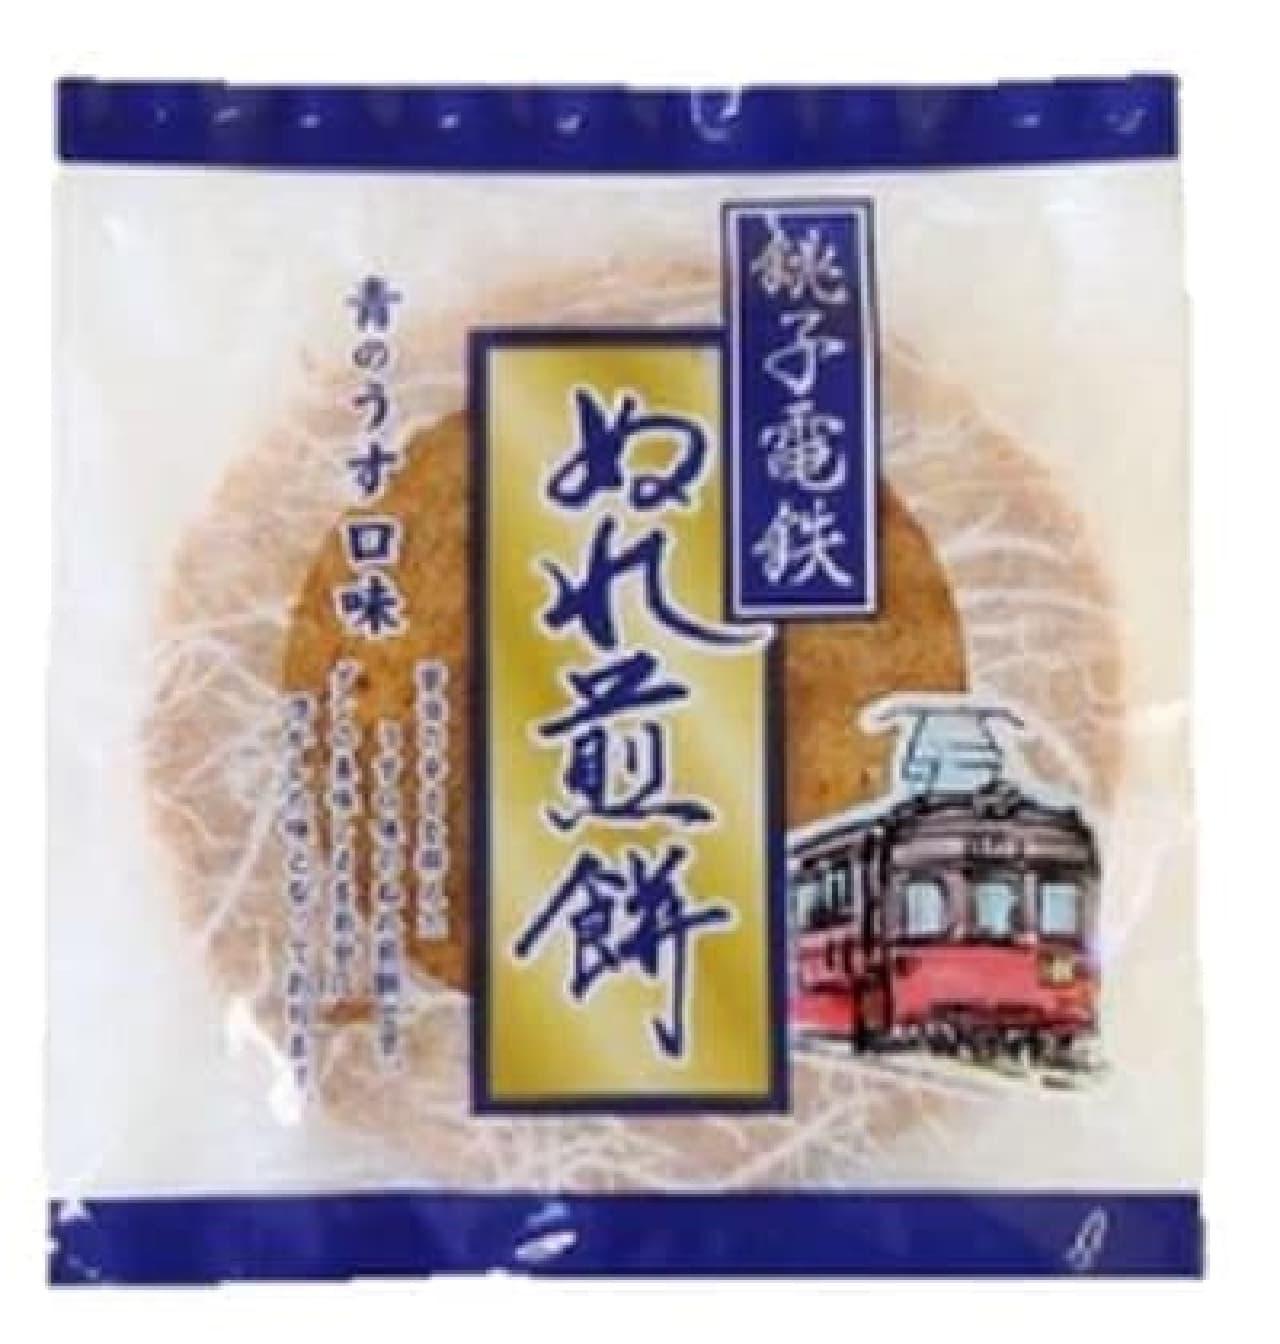 銚子電気鉄道の「ぬれ煎餅 青のうす口味」